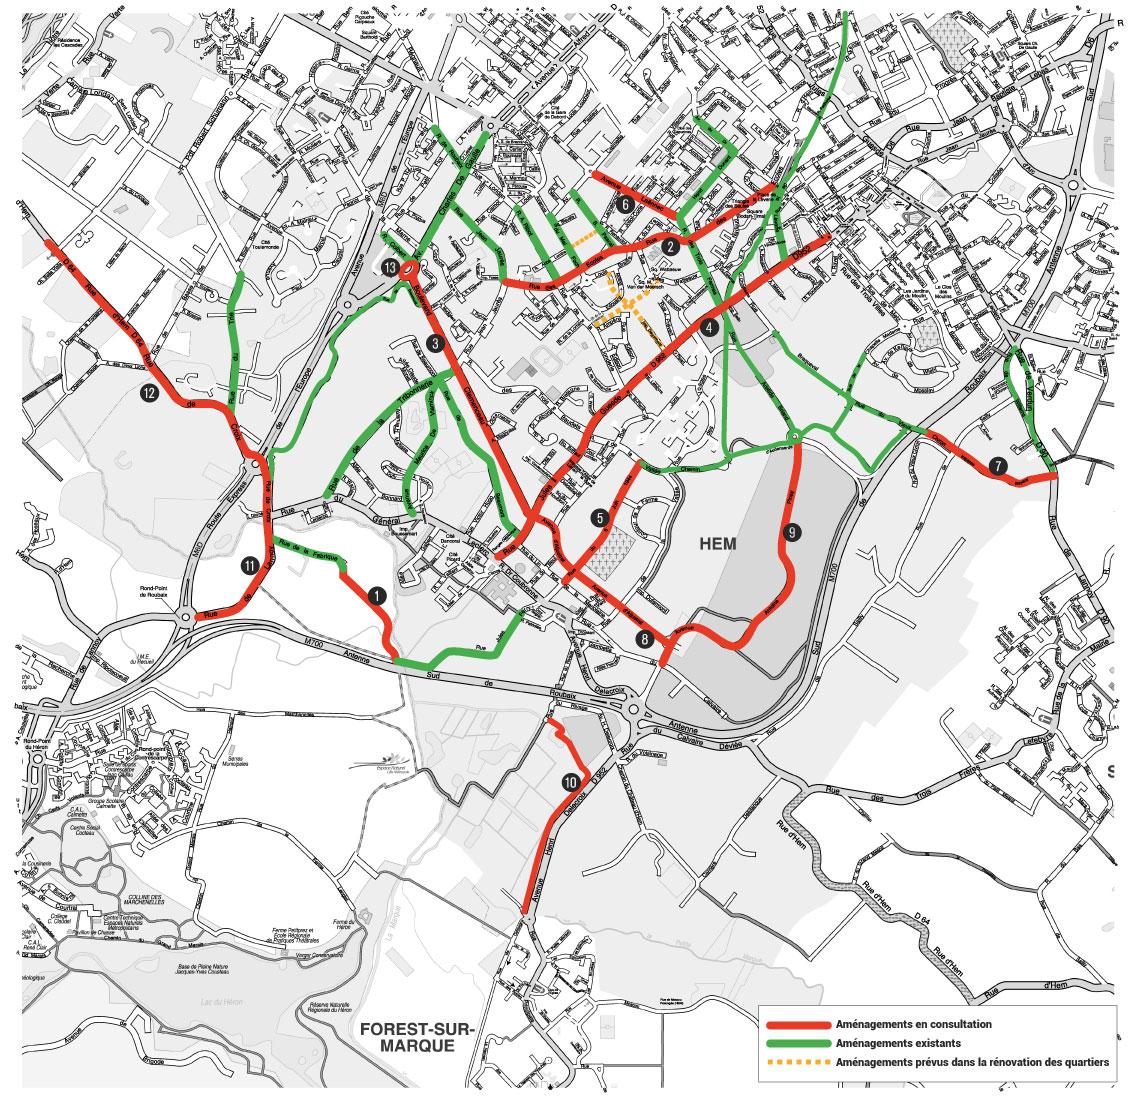 Plan Hem propositions d'aménagements cyclable